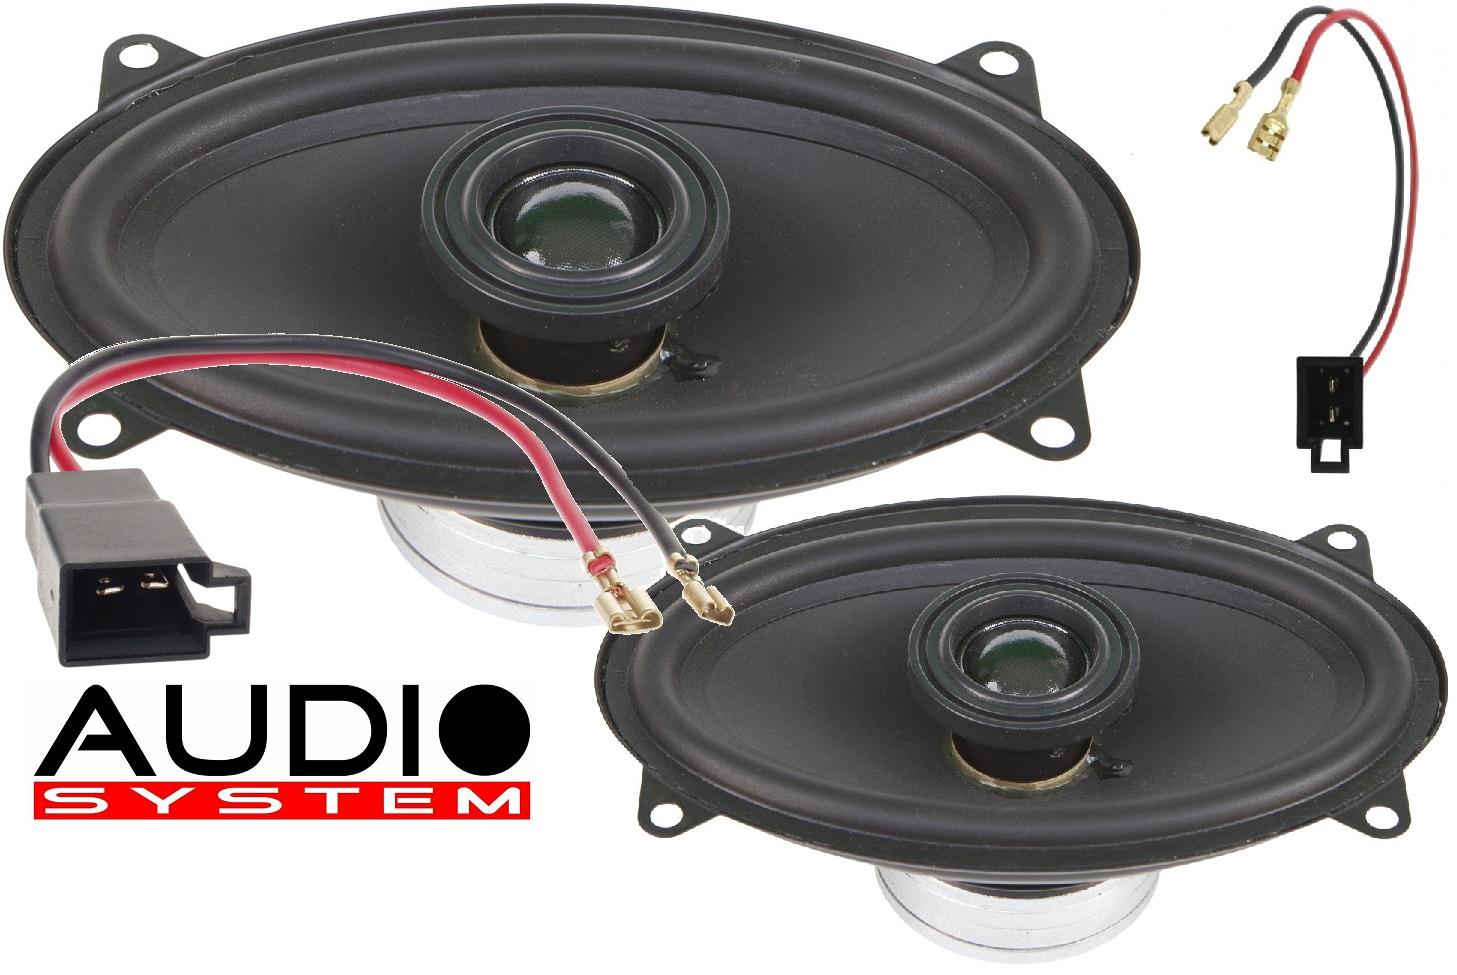 Audio System XCFIT SEAT CORDOBA EVO Lautsprecher X-SERIES 4x6 Neodym Spezial Coaxial System CORDOBA 1 Paar